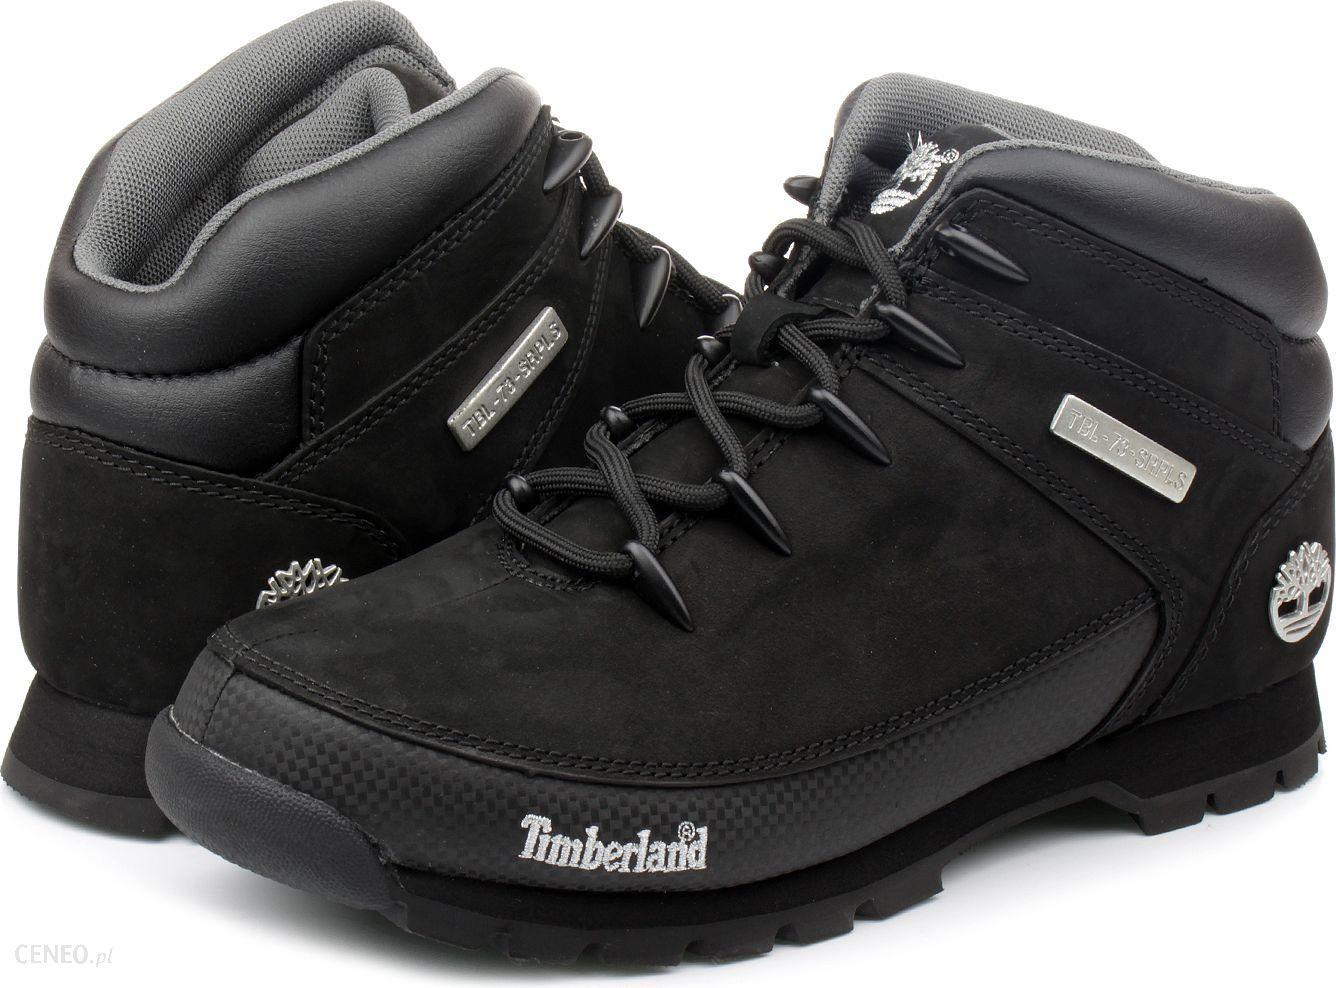 Timberland Buty męskie Euro Sprint Hiker czarne r. 46 (6361R) Ceny i opinie Ceneo.pl